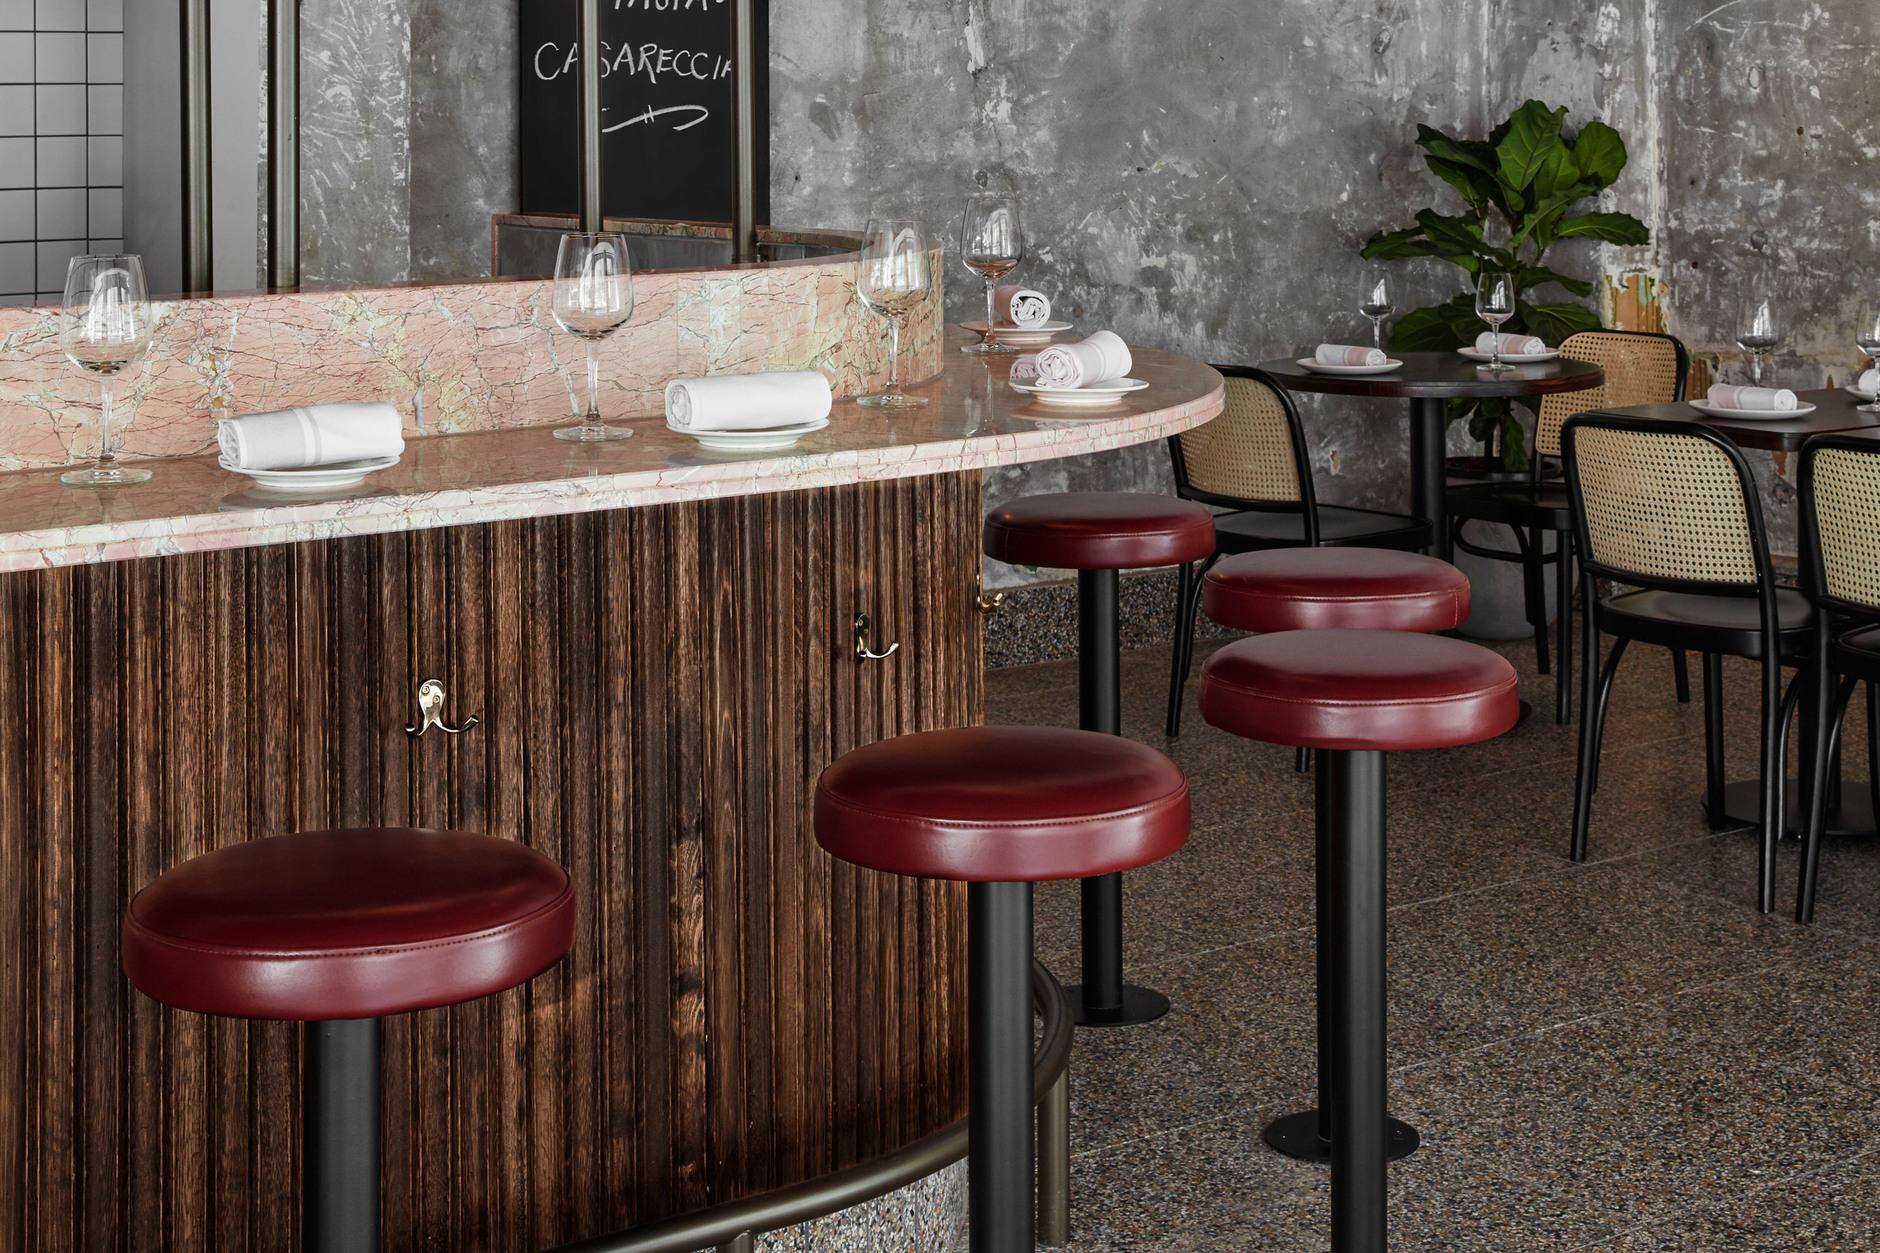 Розовый мрамор и потертый бетон: паста бар в Мельбурне (галерея 7, фото 4)